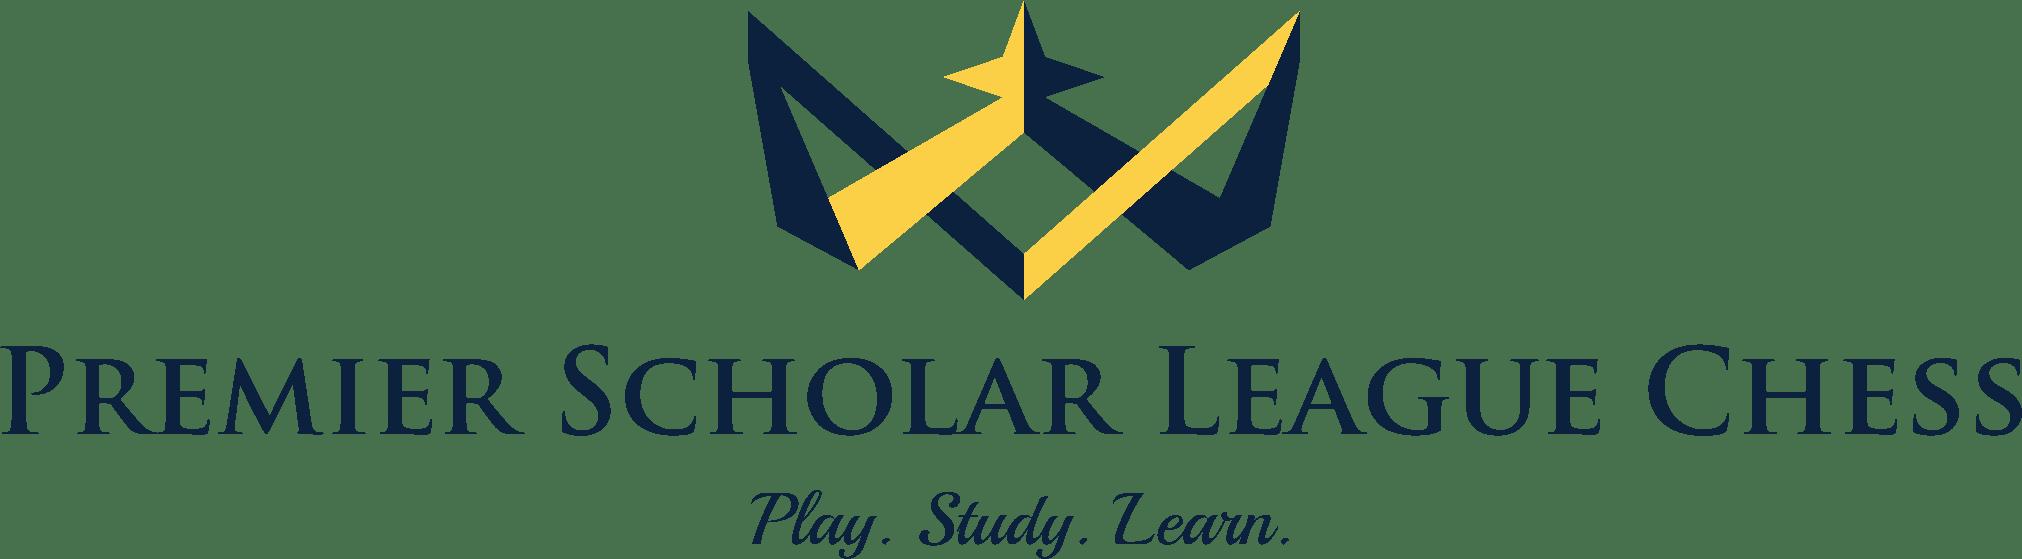 Premier Scholar League Chess